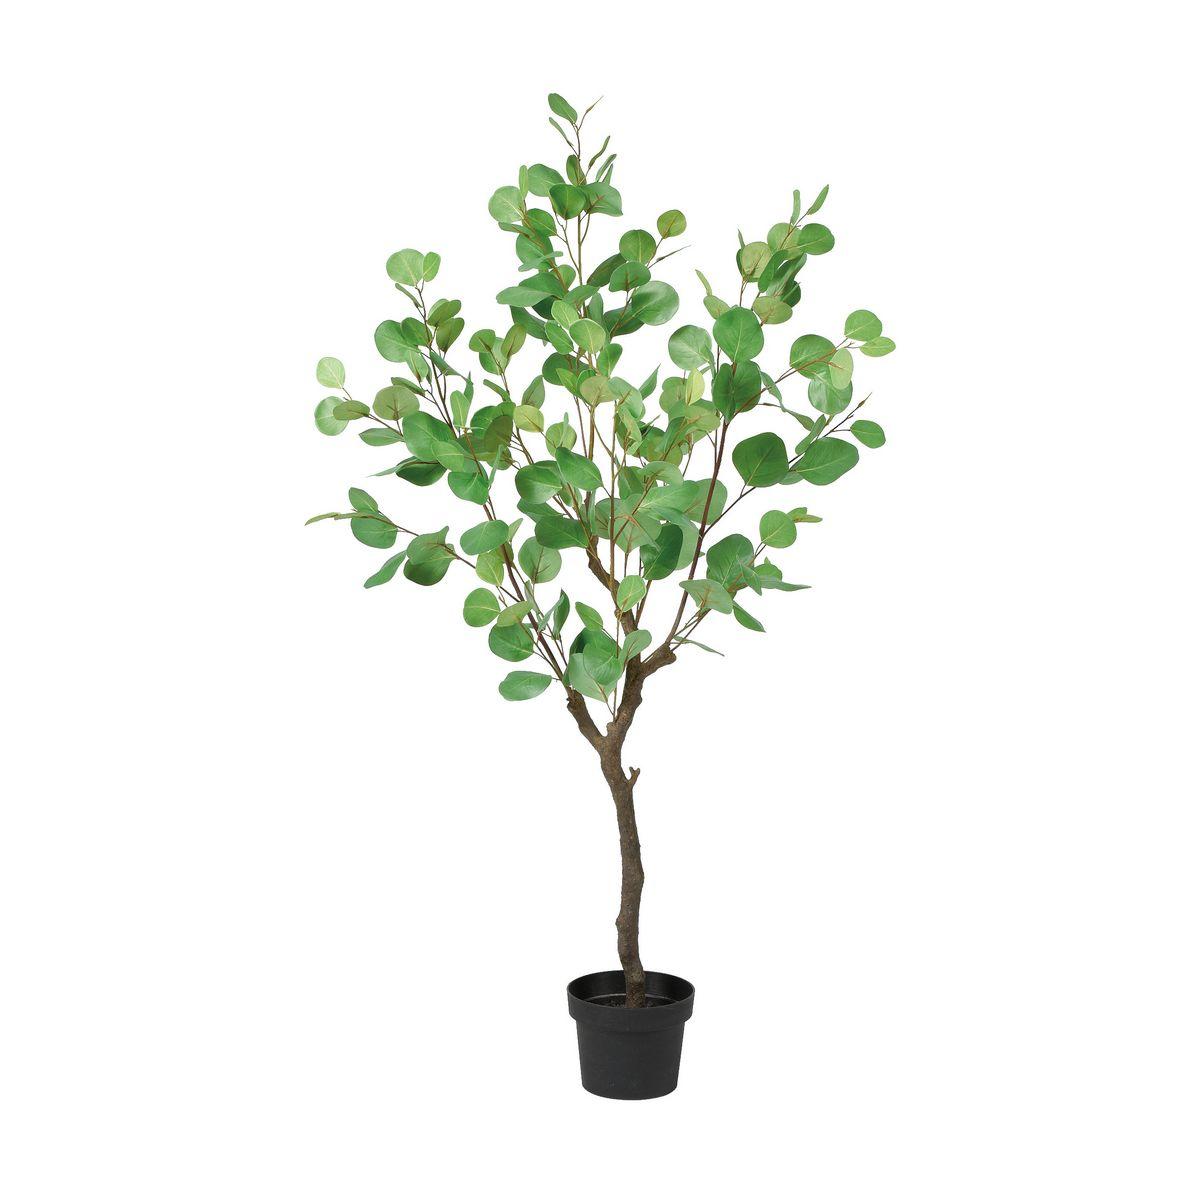 【人工観葉植物】アスカ/ユーカリ(ポット付) #051A グリーン/A-50966-51A【01】【取寄】